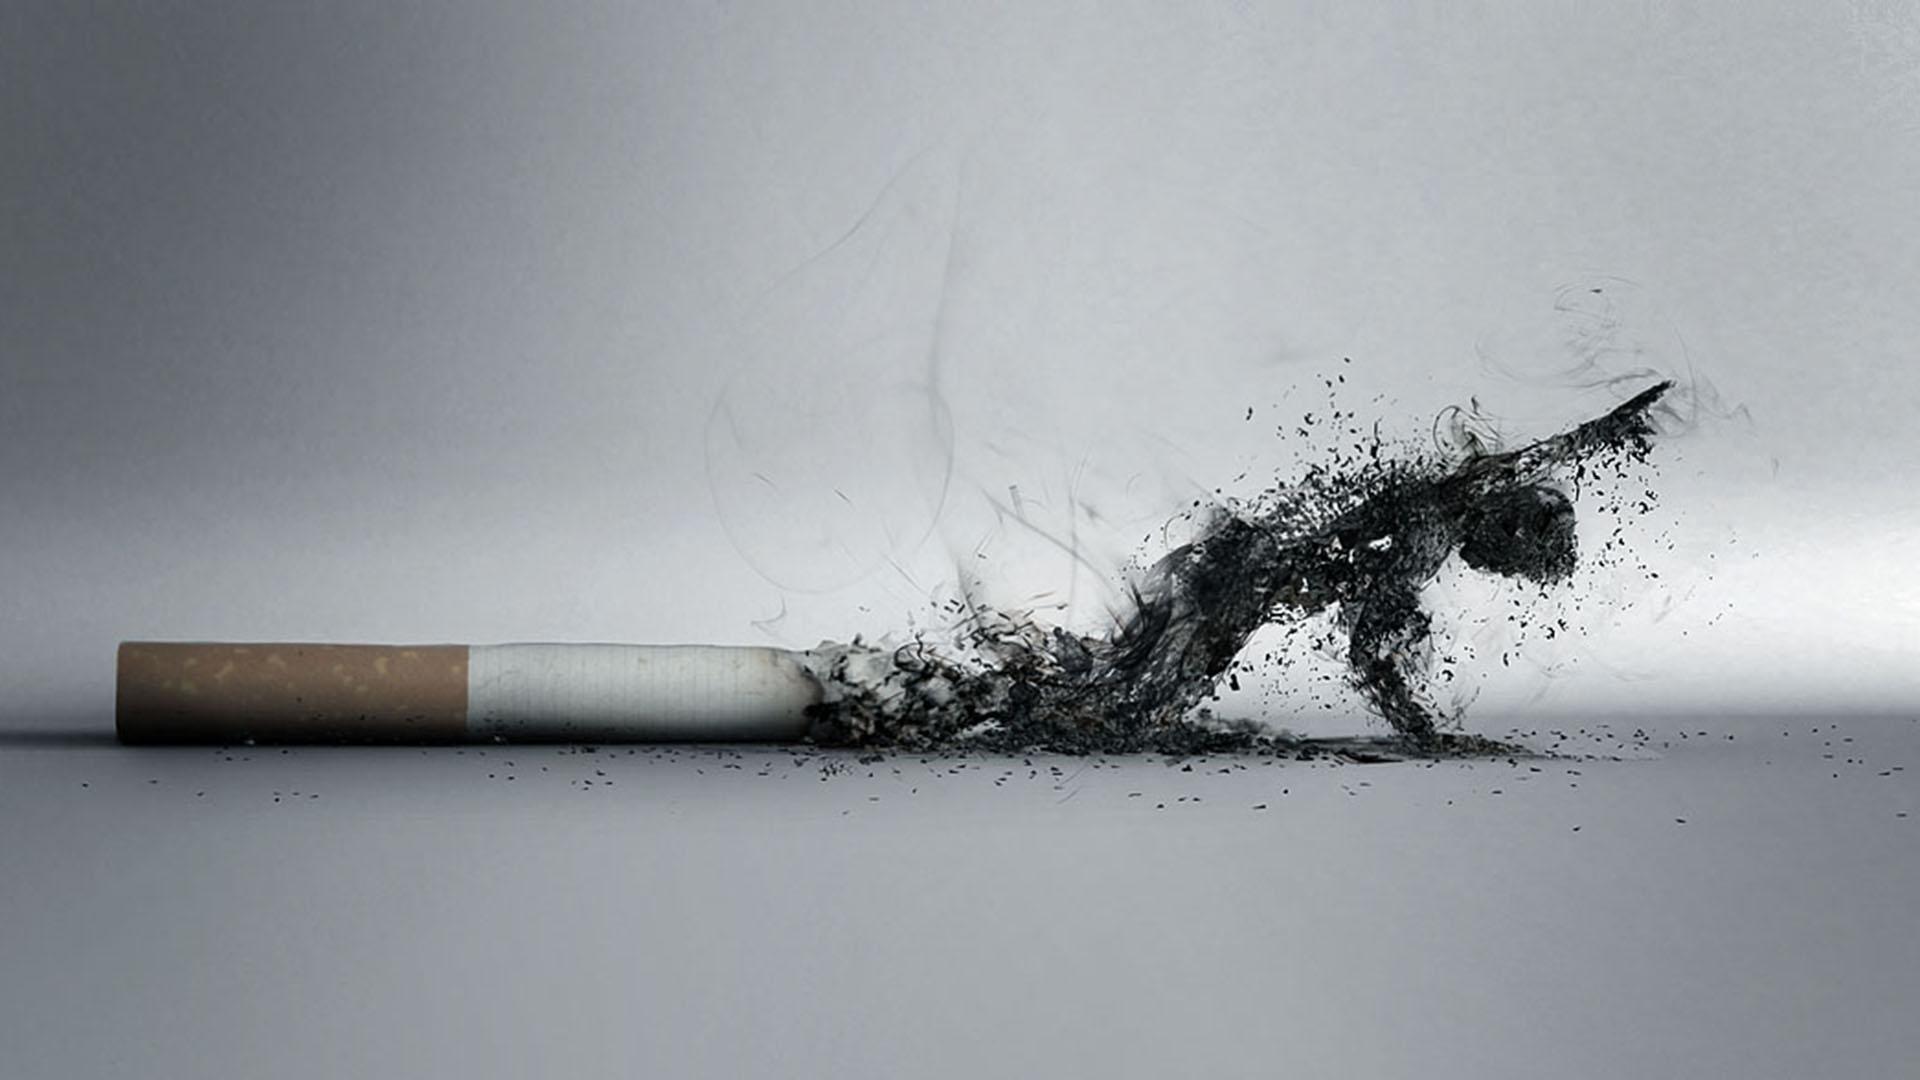 Продажу сигарет людям до 21 года могут запретить. Новости Украины